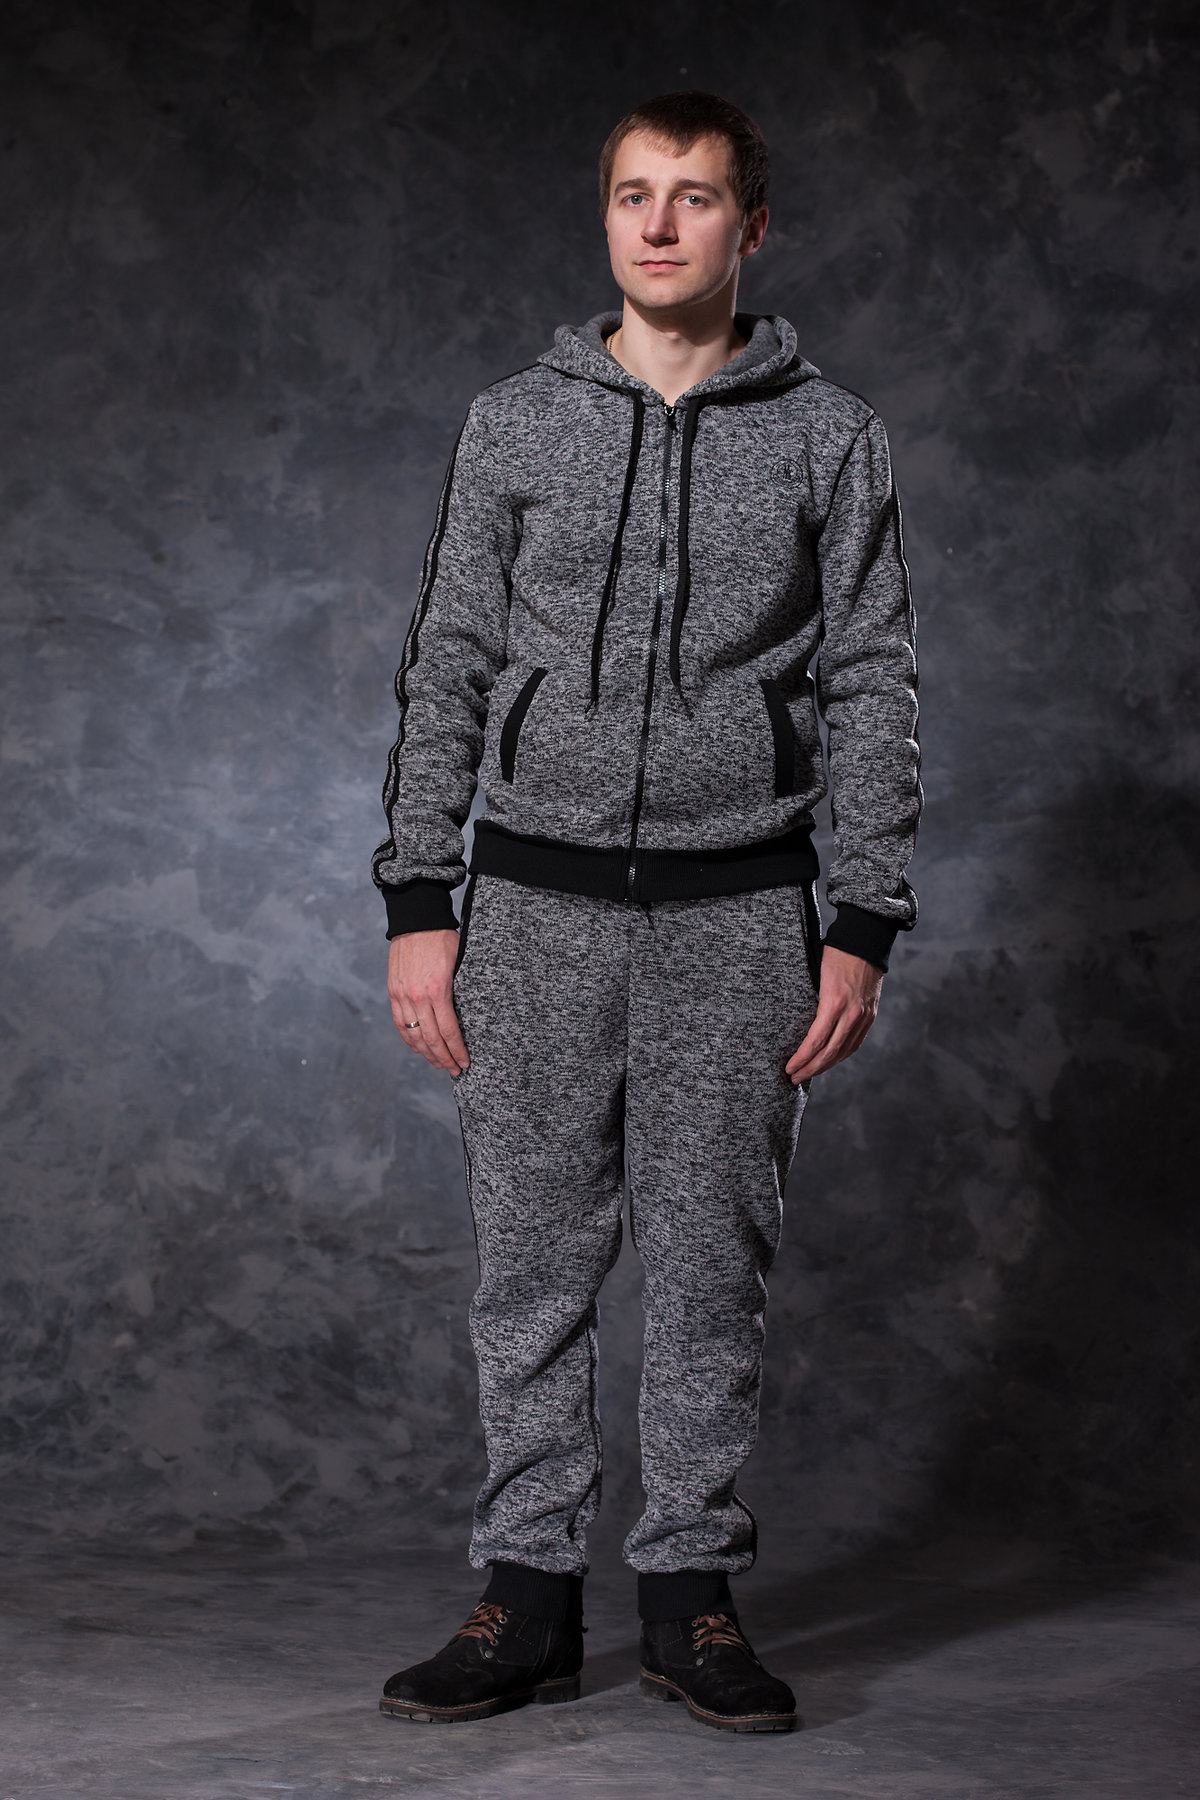 b785968c846d Спортивный костюм Респект – незаменим для мужчины. Приятная серая расцветка  и черные вставки выделяют его